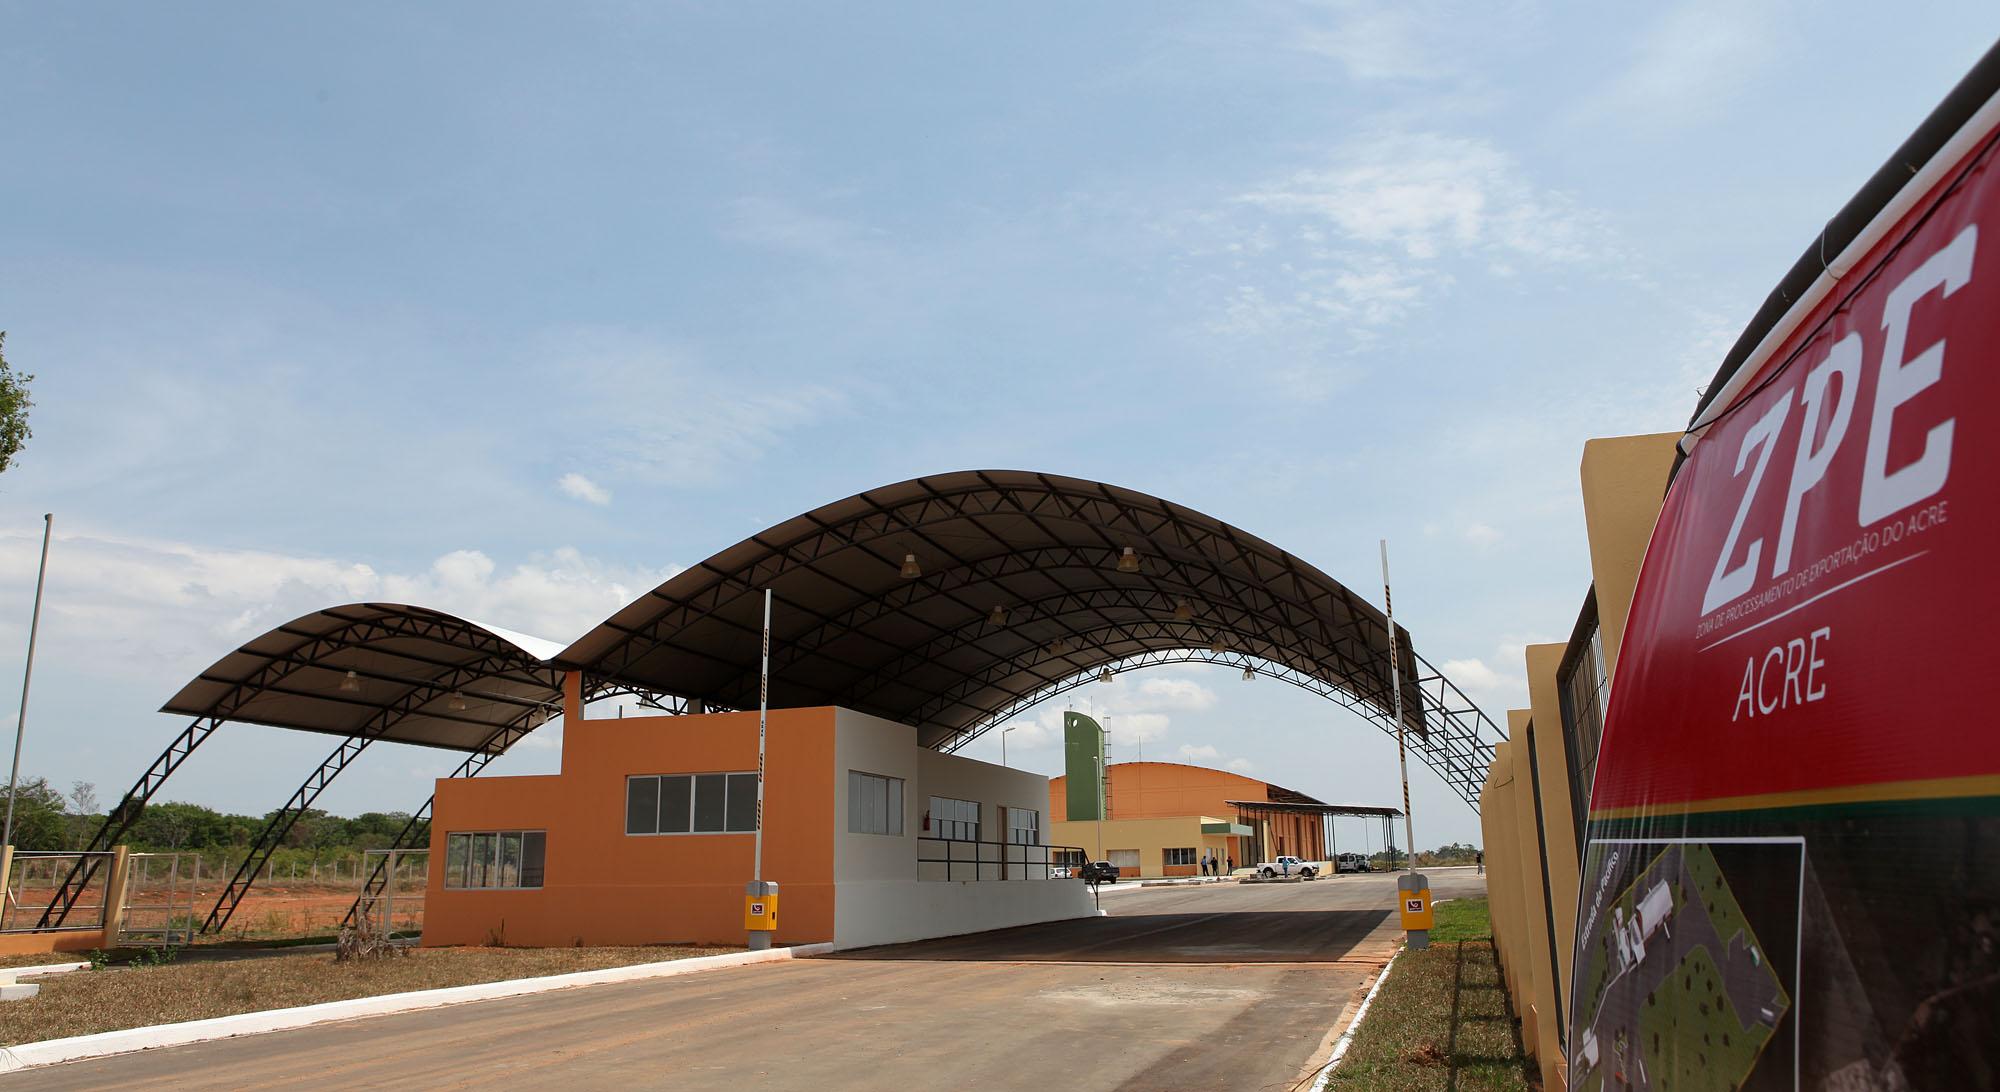 Funcionamento da ZPE com expertise internacional contribuirá para o desenvolvimento do Acre